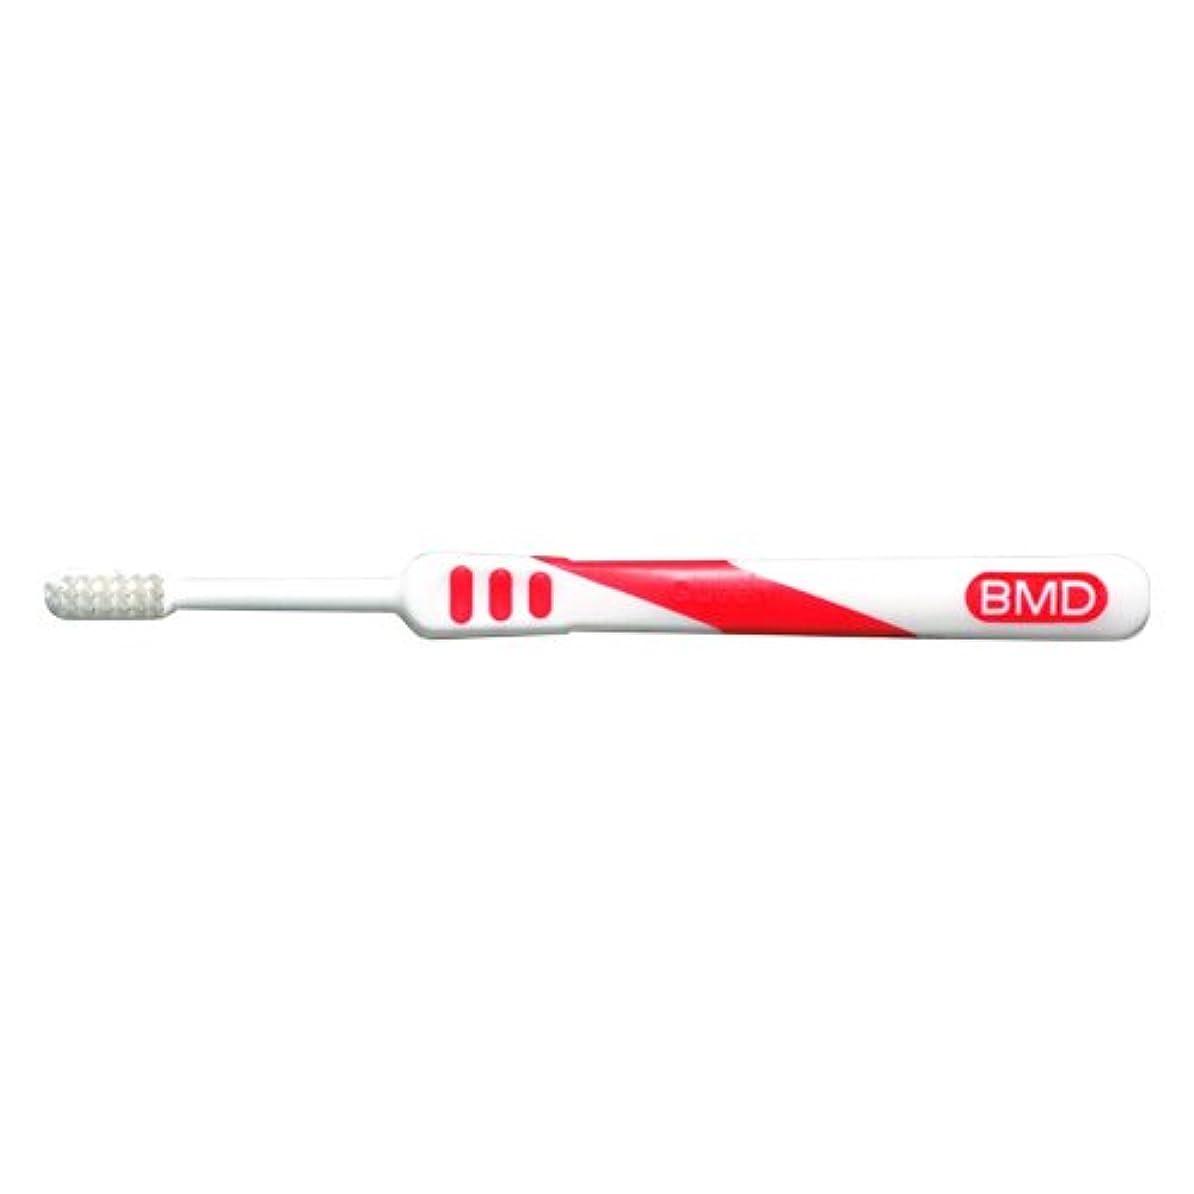 倒錯全く憎しみビーブランド ビークイーン歯ブラシ 1本 105 タイブピンク